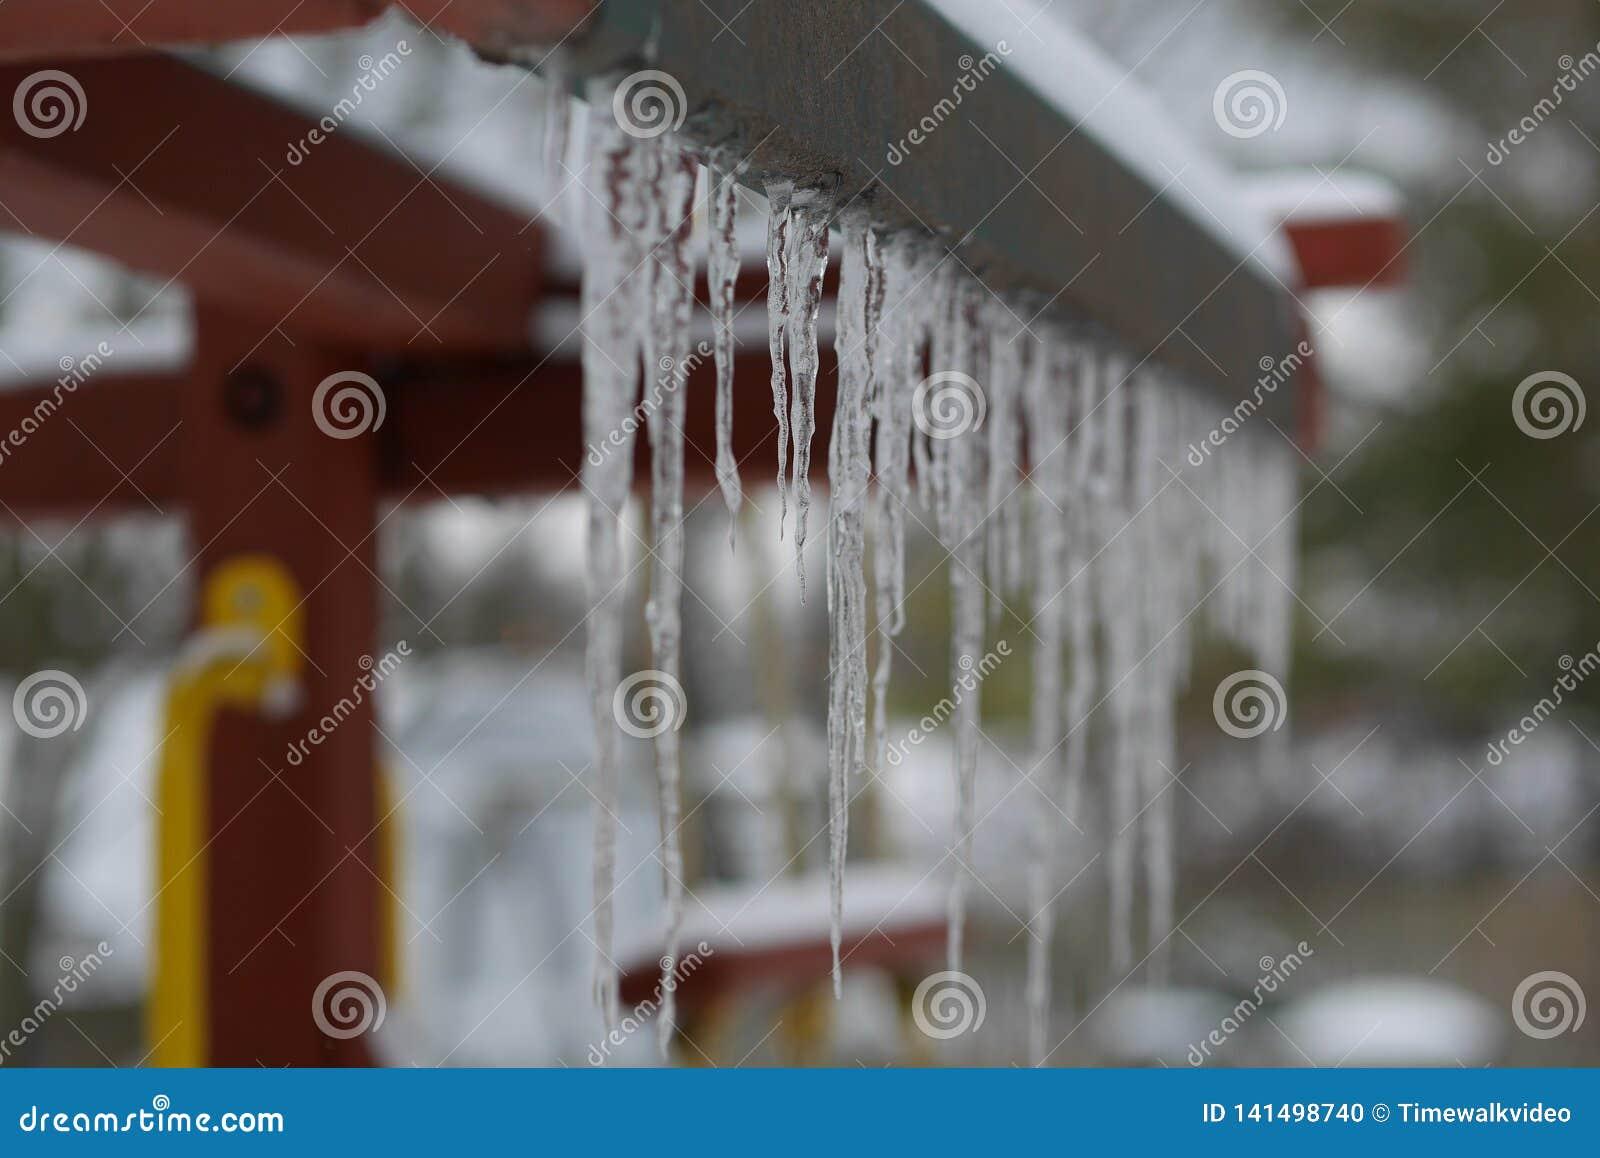 Scharfe Eiszapfen hängen vom Fort der Kinder